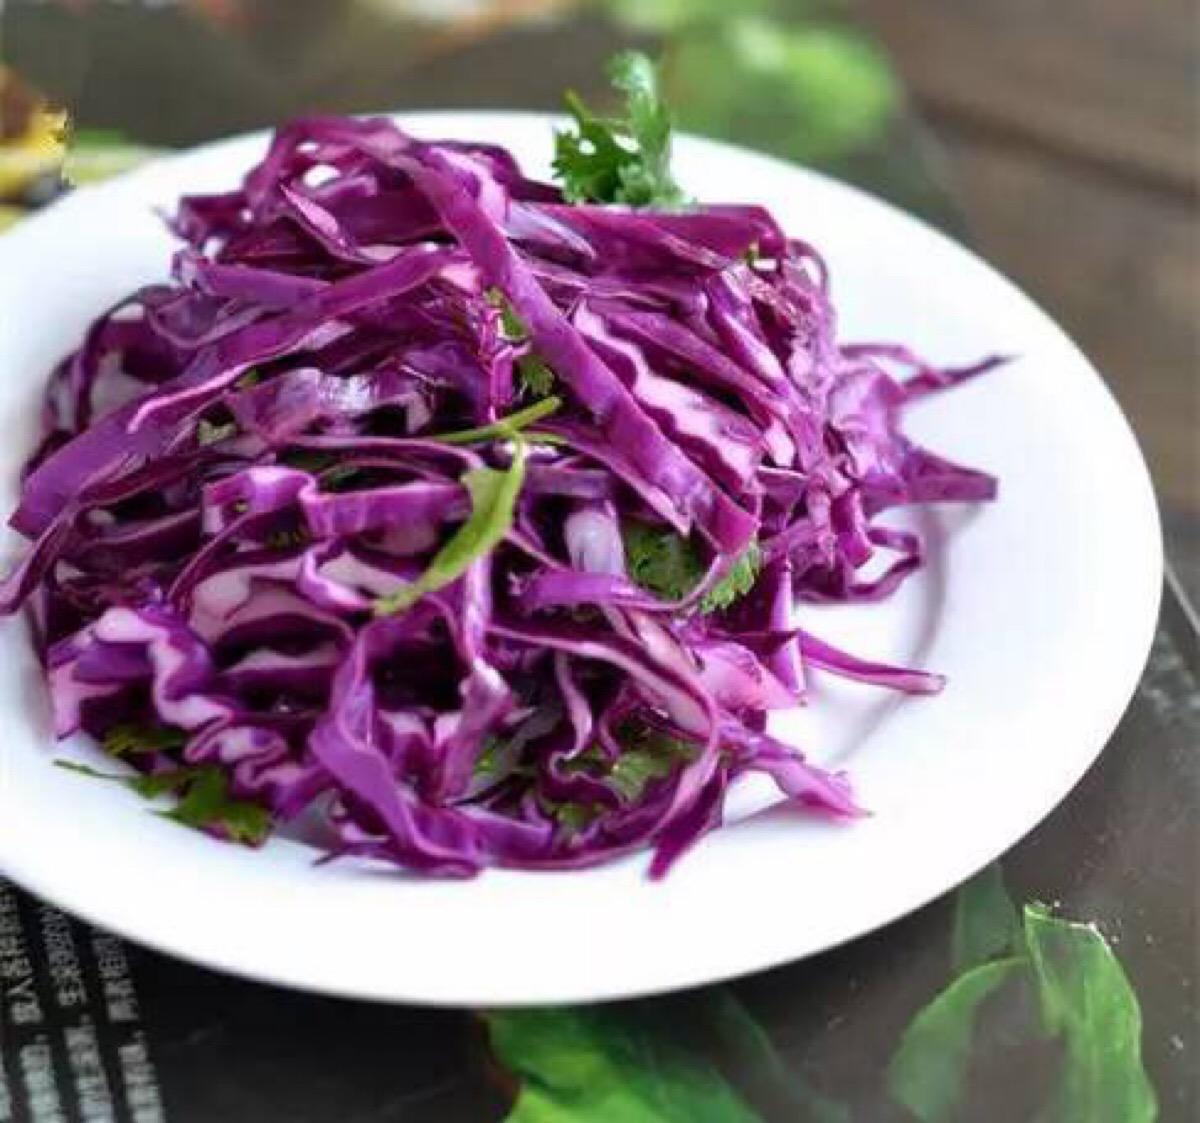 紫甘蓝的家常做法   凉拌紫甘蓝